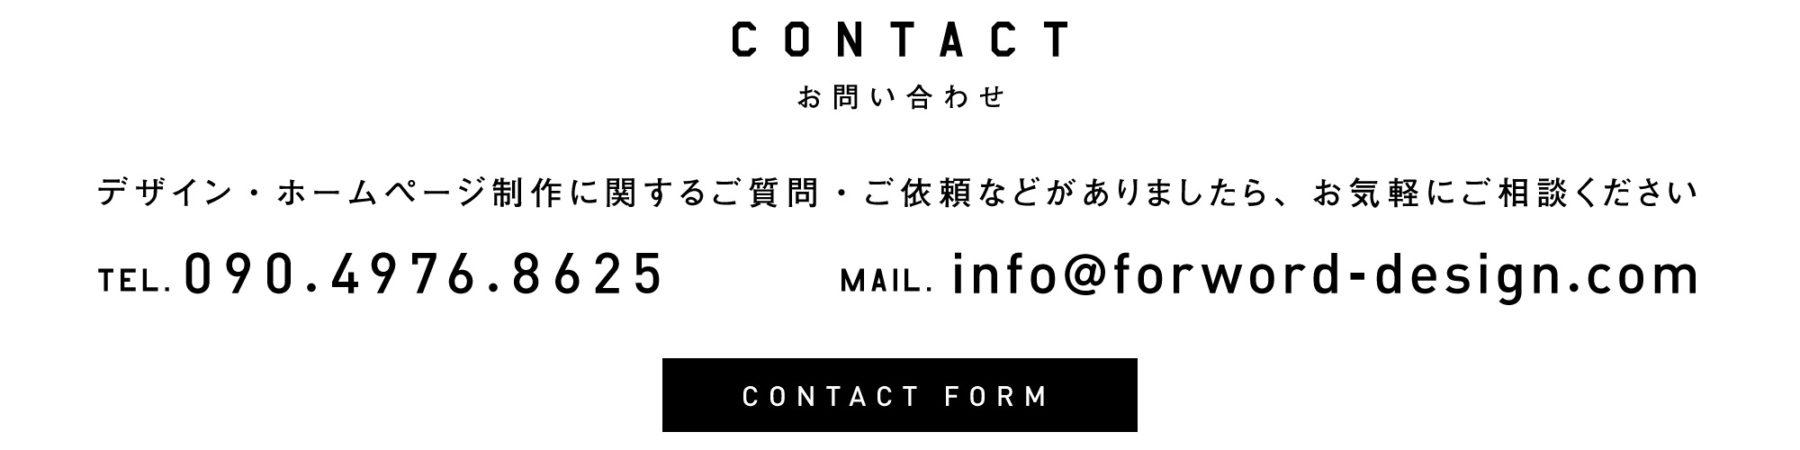 デザイン,ホームページ,制作会社